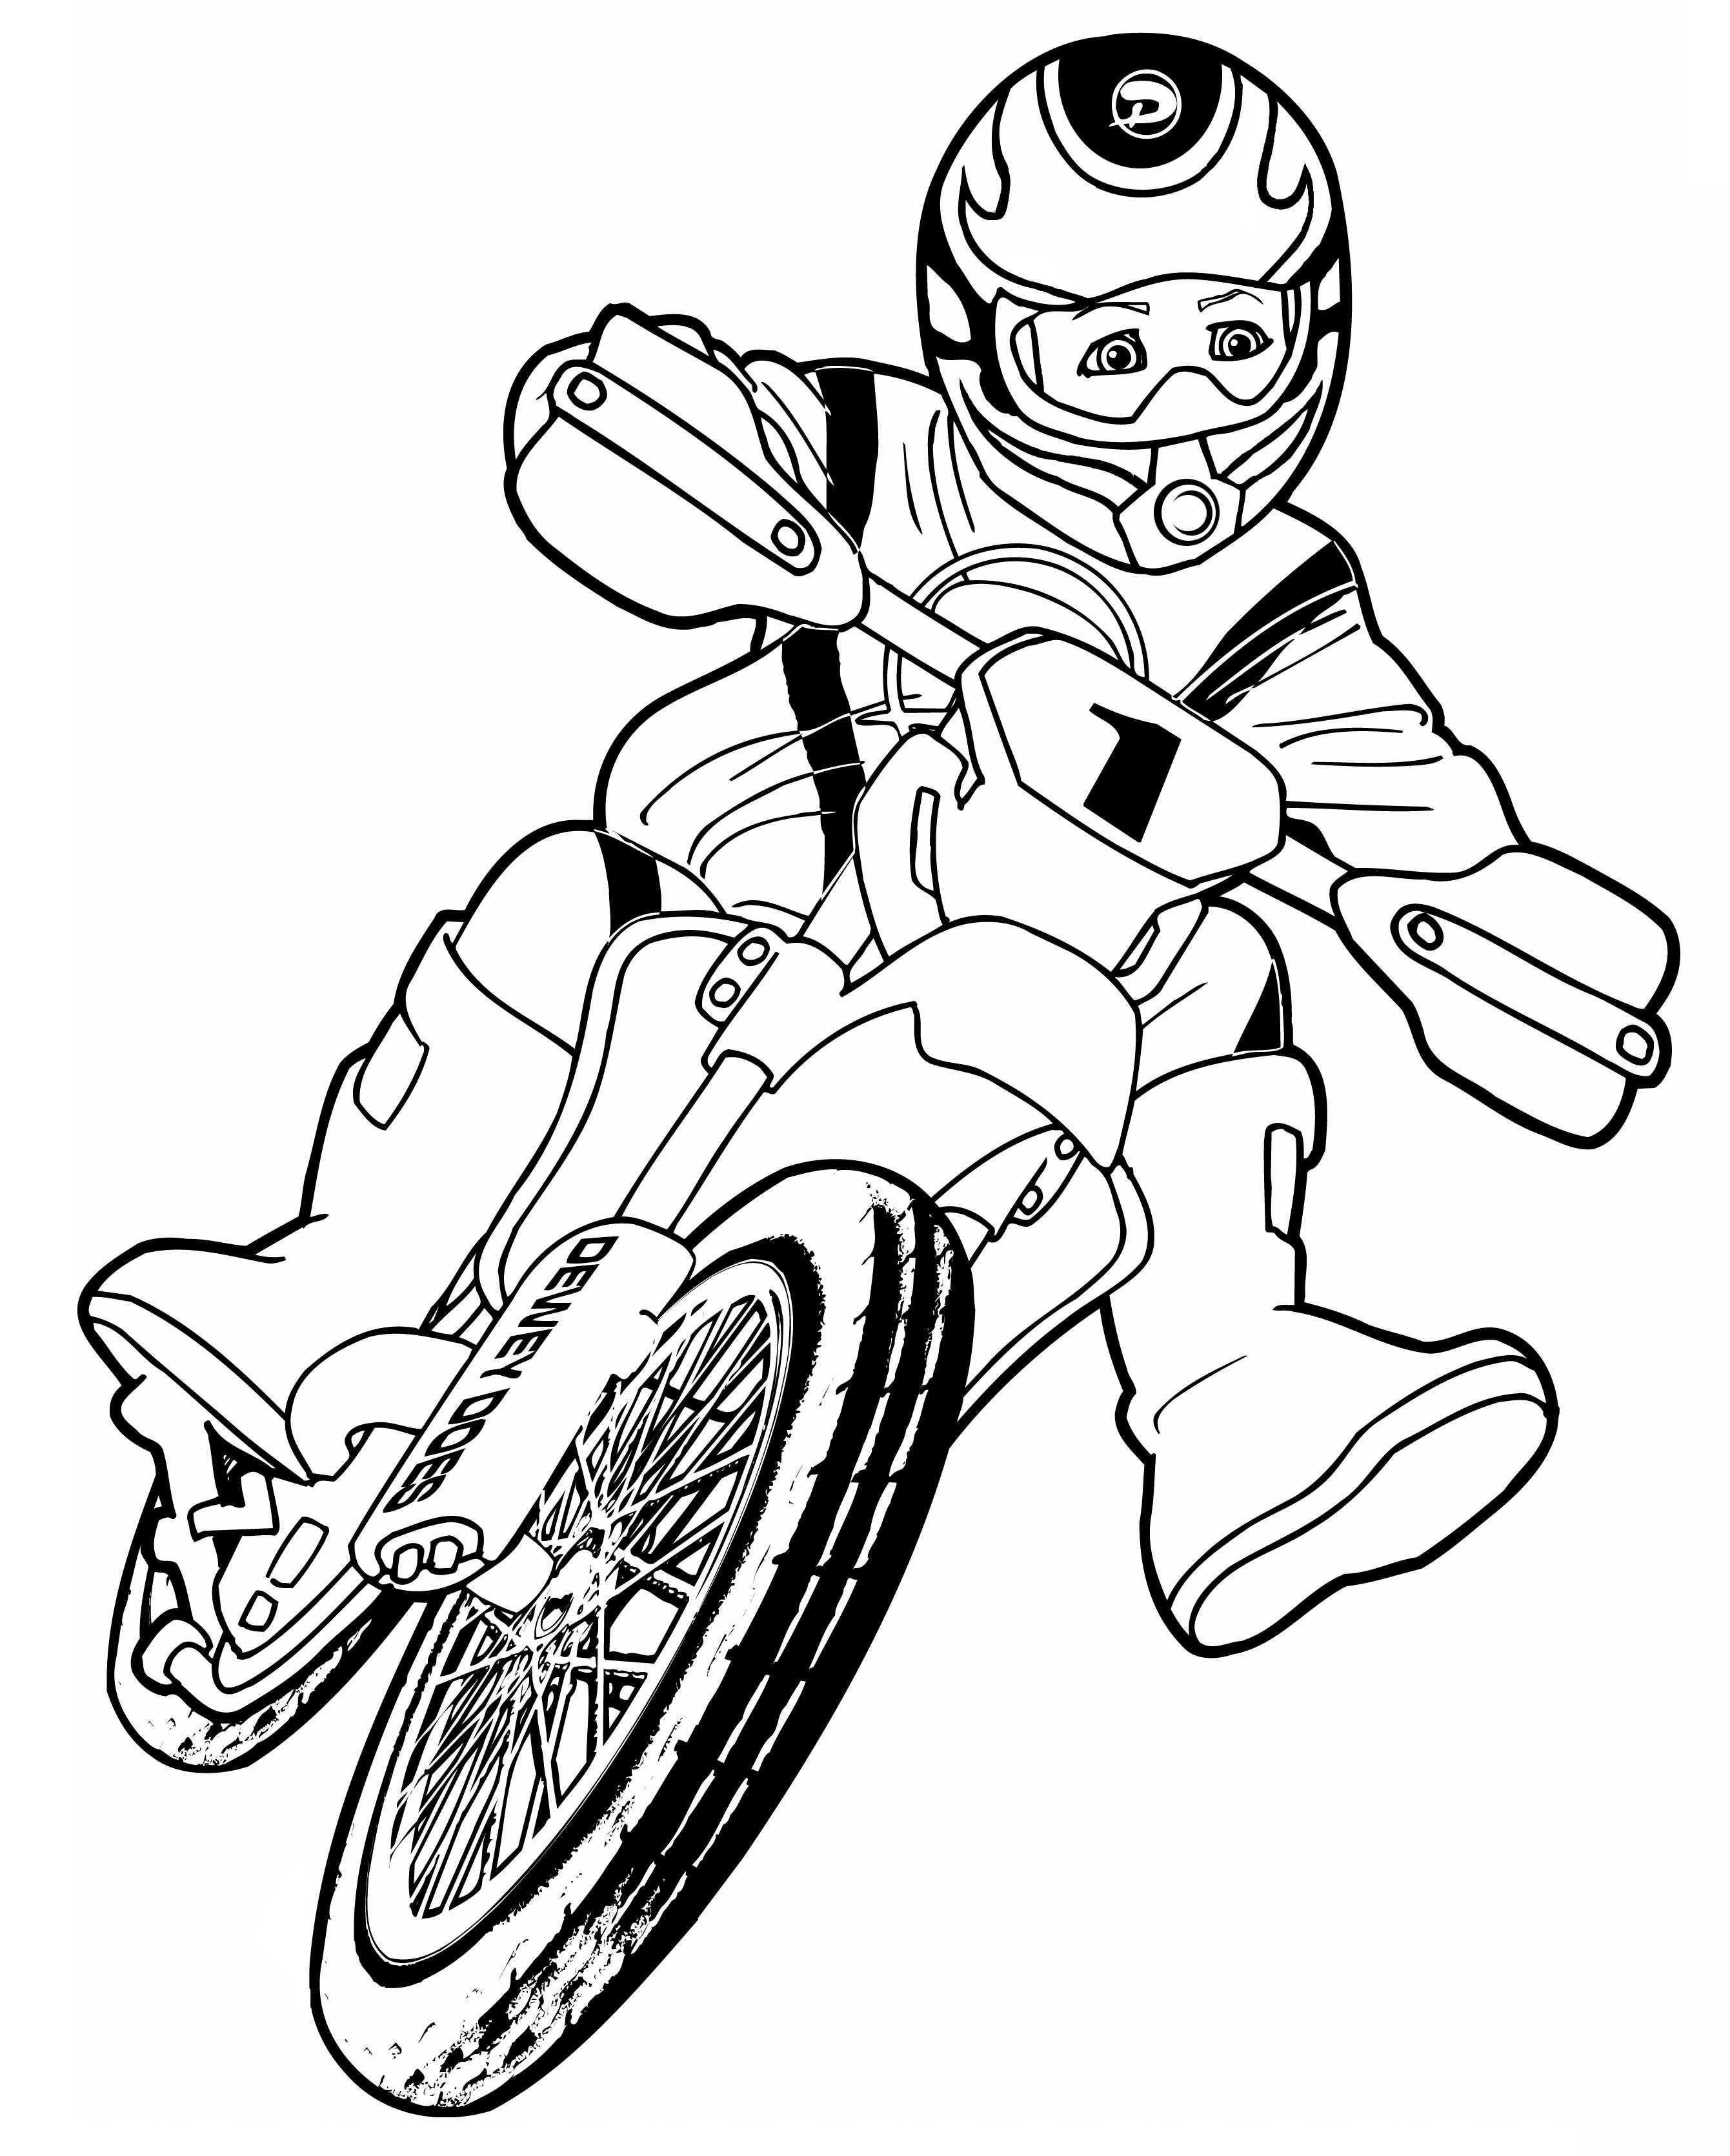 Coloriage Moto Cross Motocross A Imprimer 7521 Batman Moto Coloriage Dessin Race Car Coloring Pages Cars Coloring Pages Coloring Pages For Boys